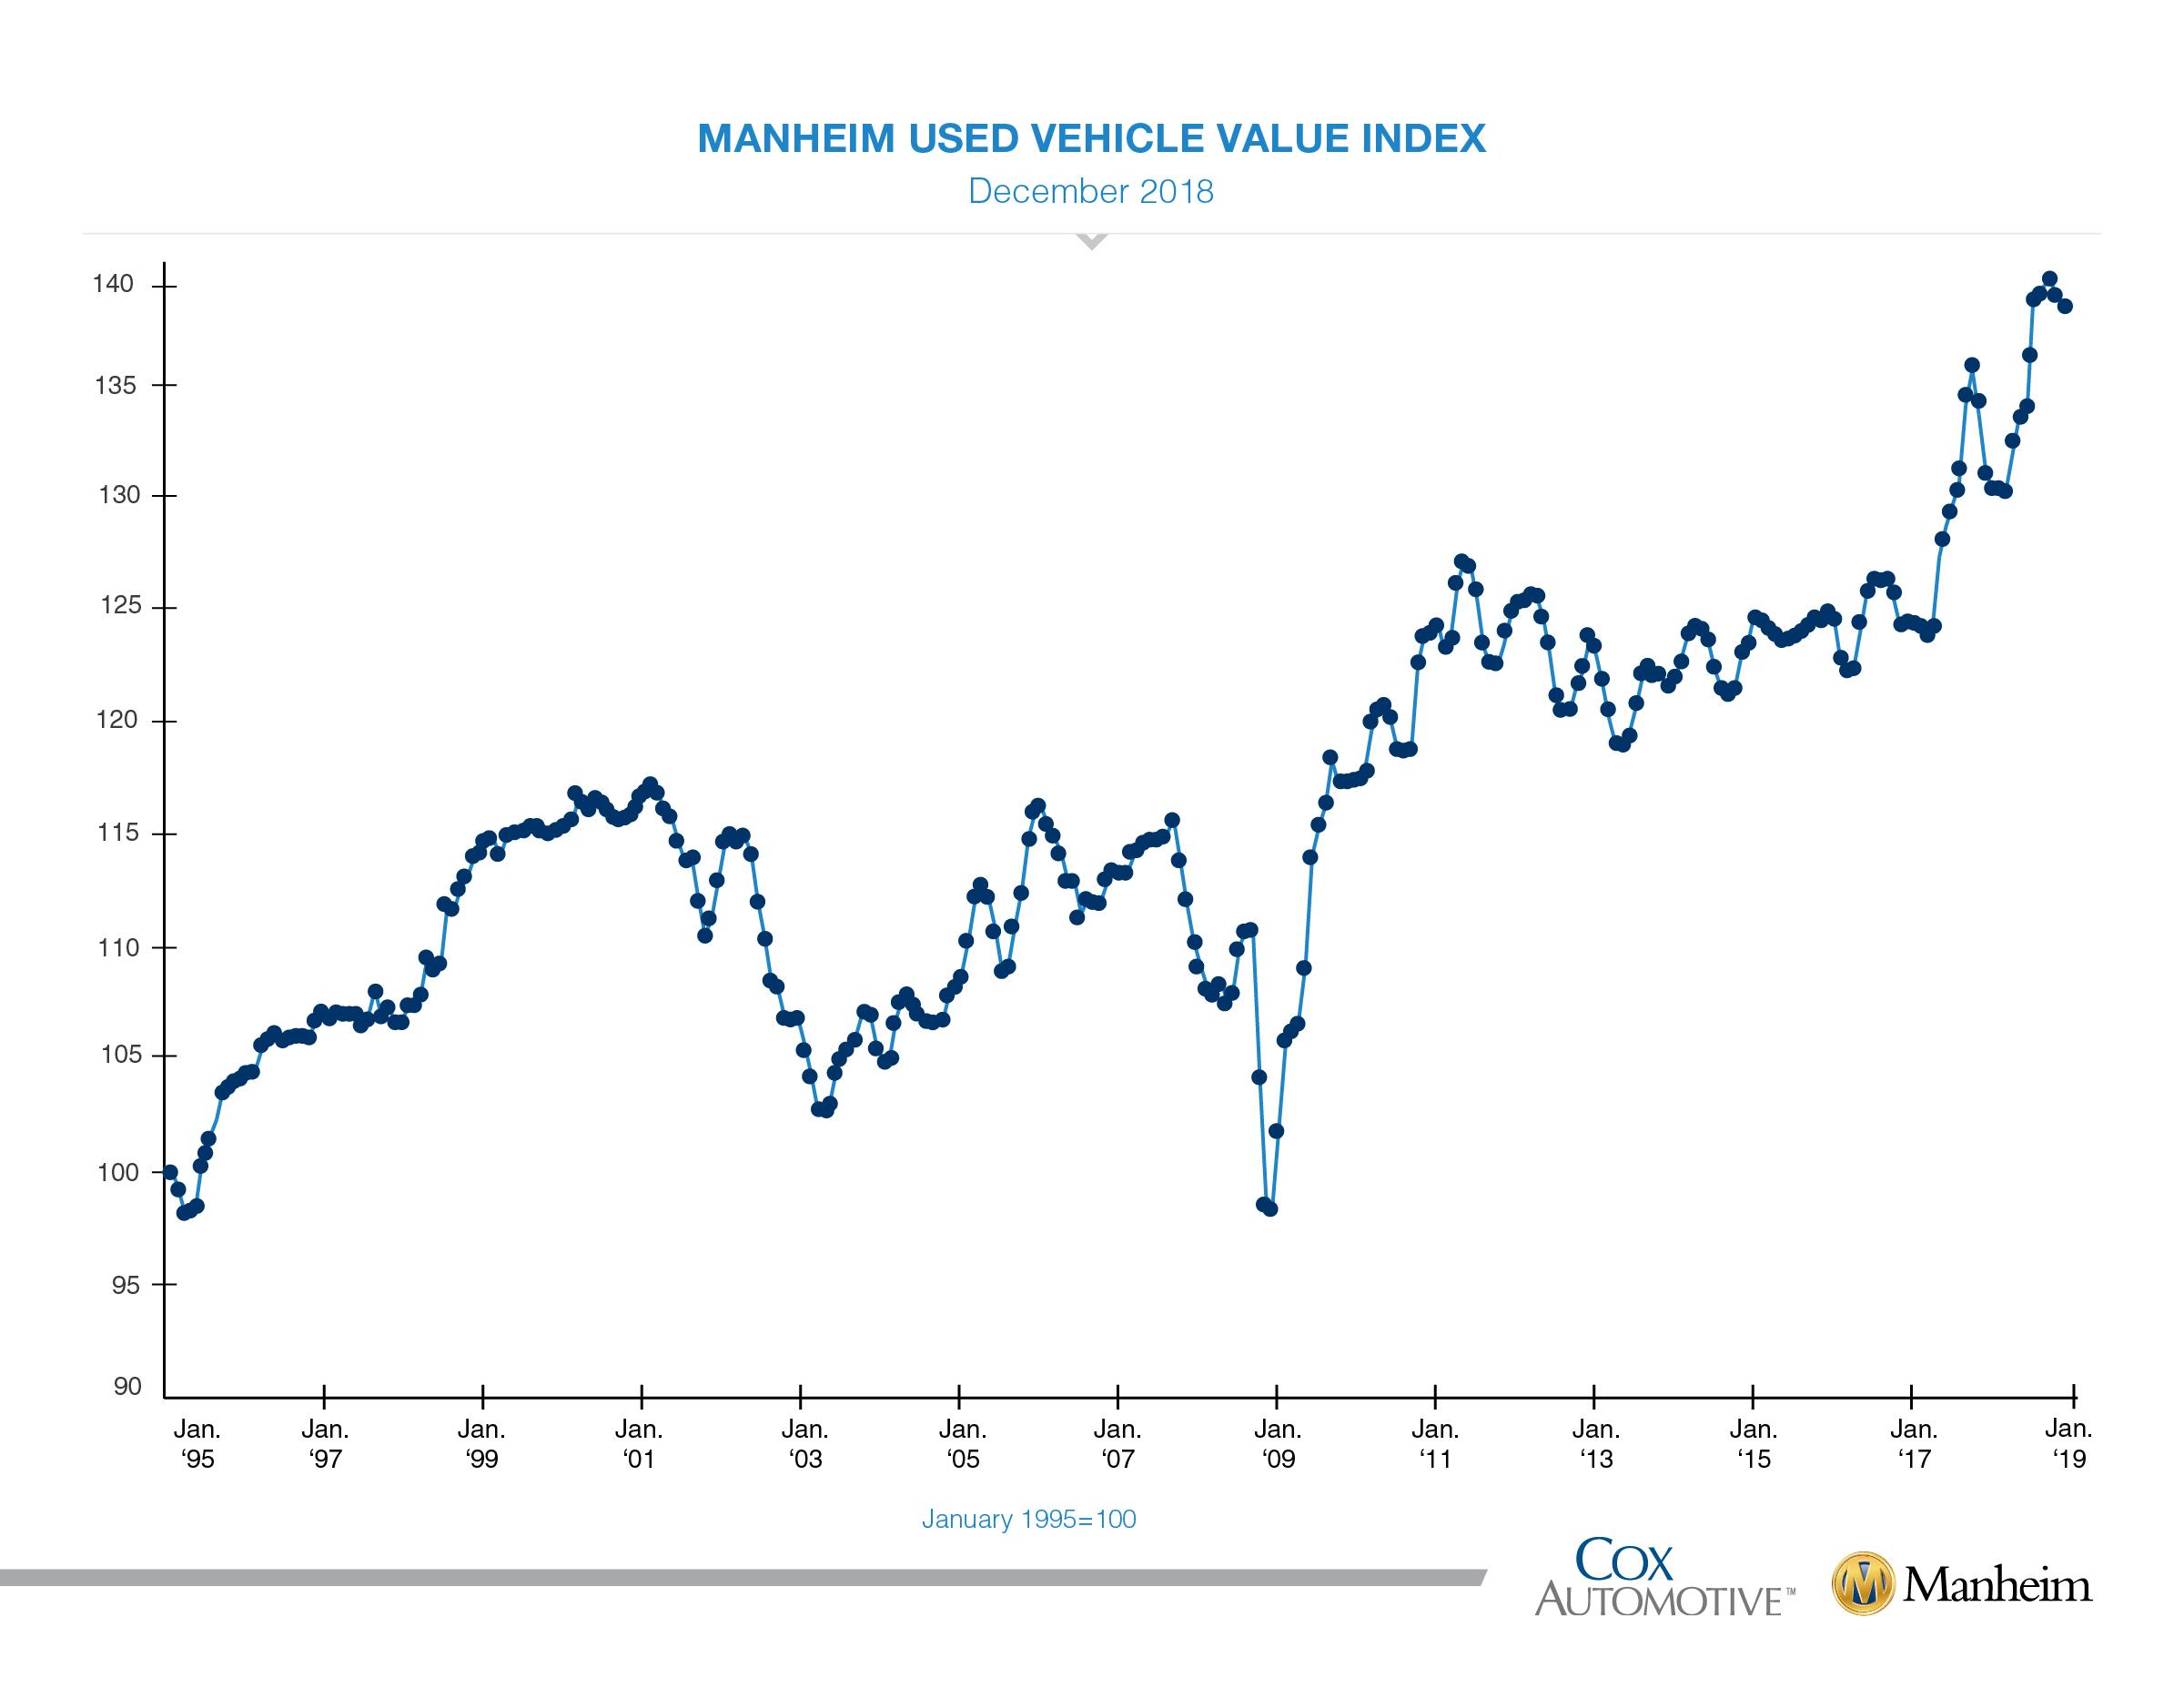 010218 cox muuvi charts december index graphic